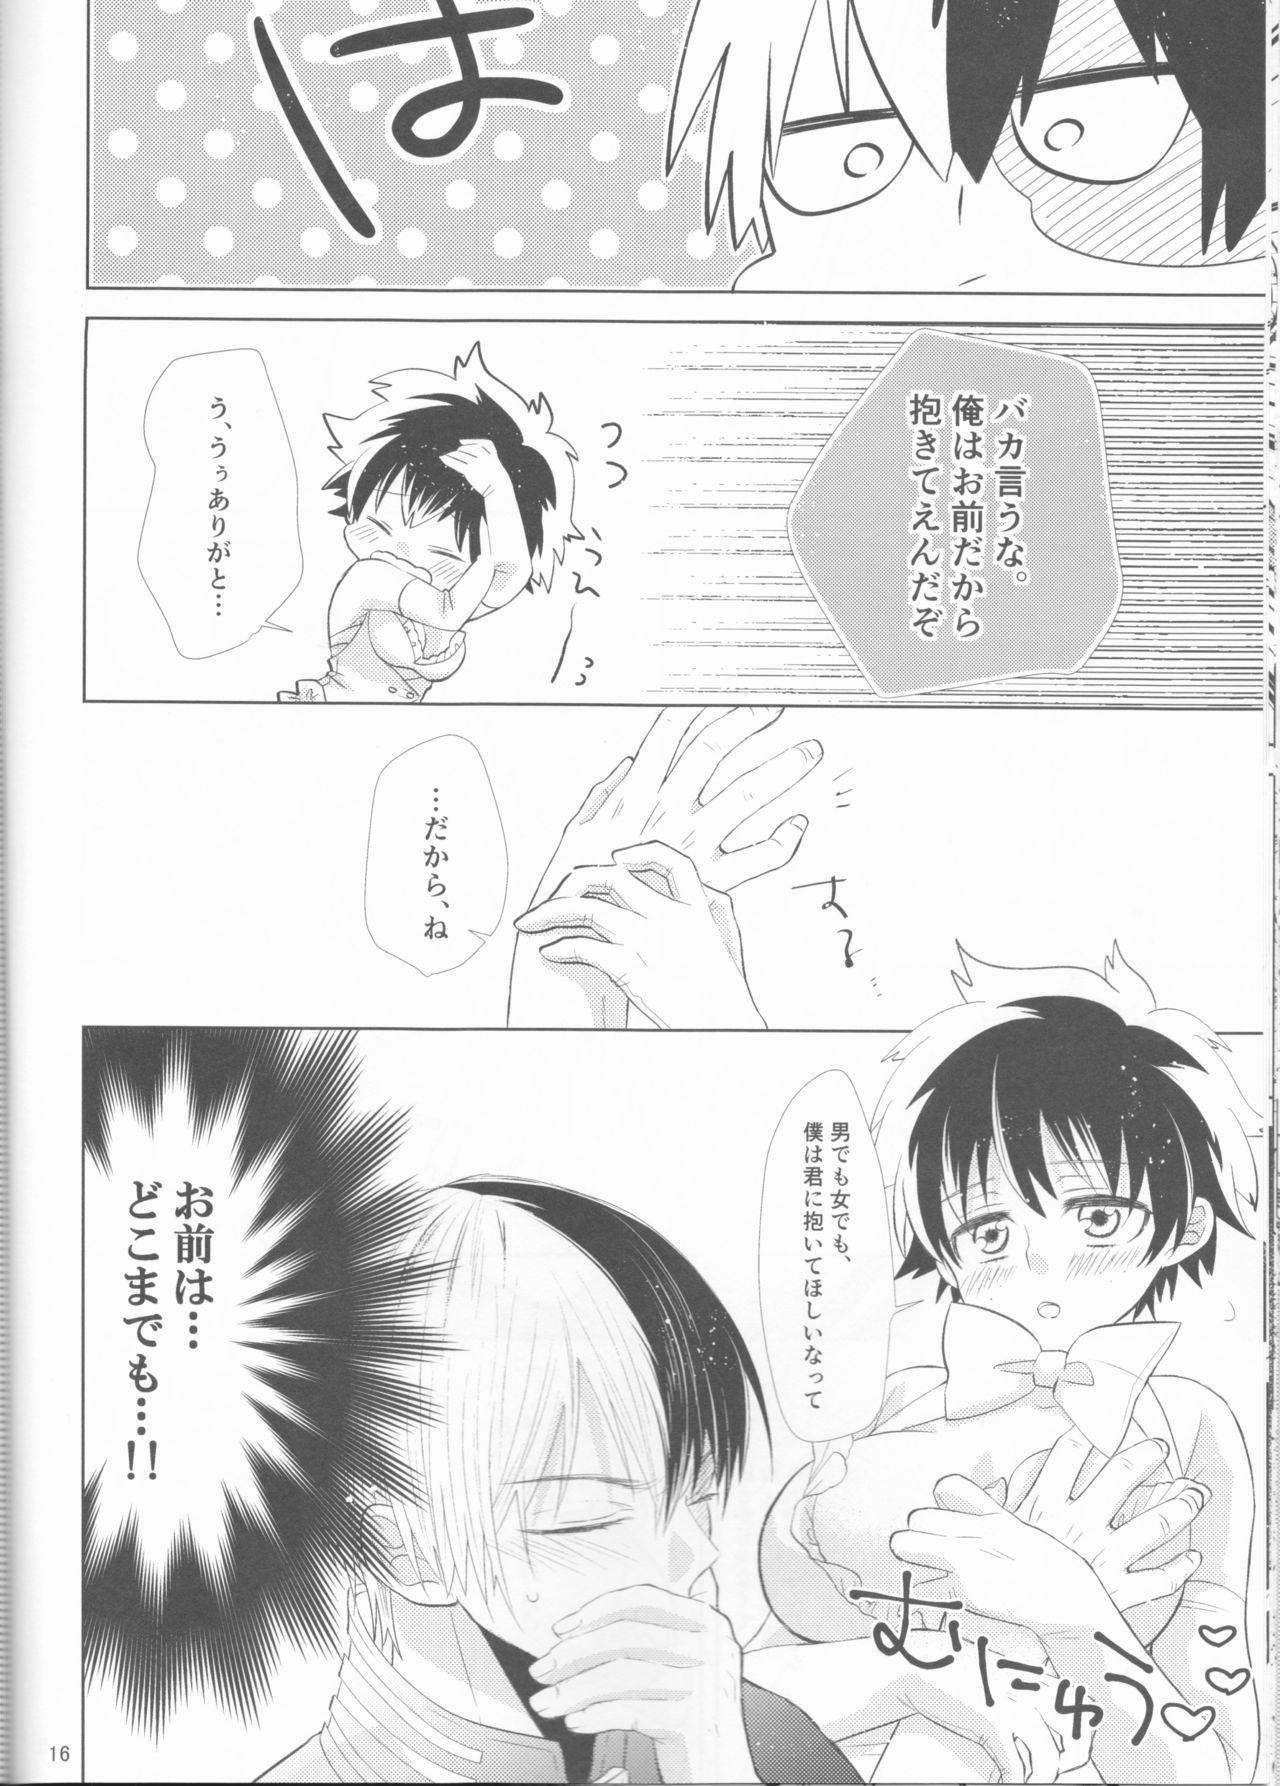 Sangatsu Usagi no Himegoto 16